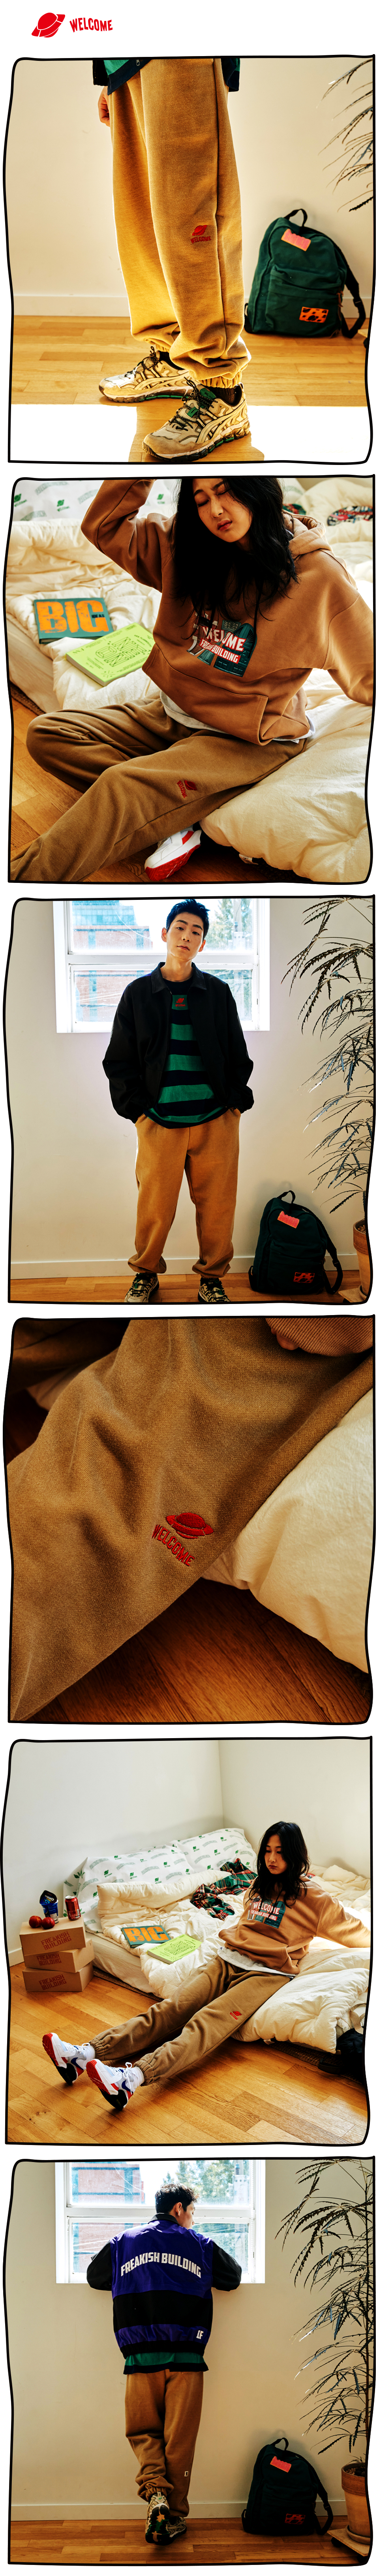 #04 DRAIN SWEAT LONG PANTS (BEIGE) 01.jpg